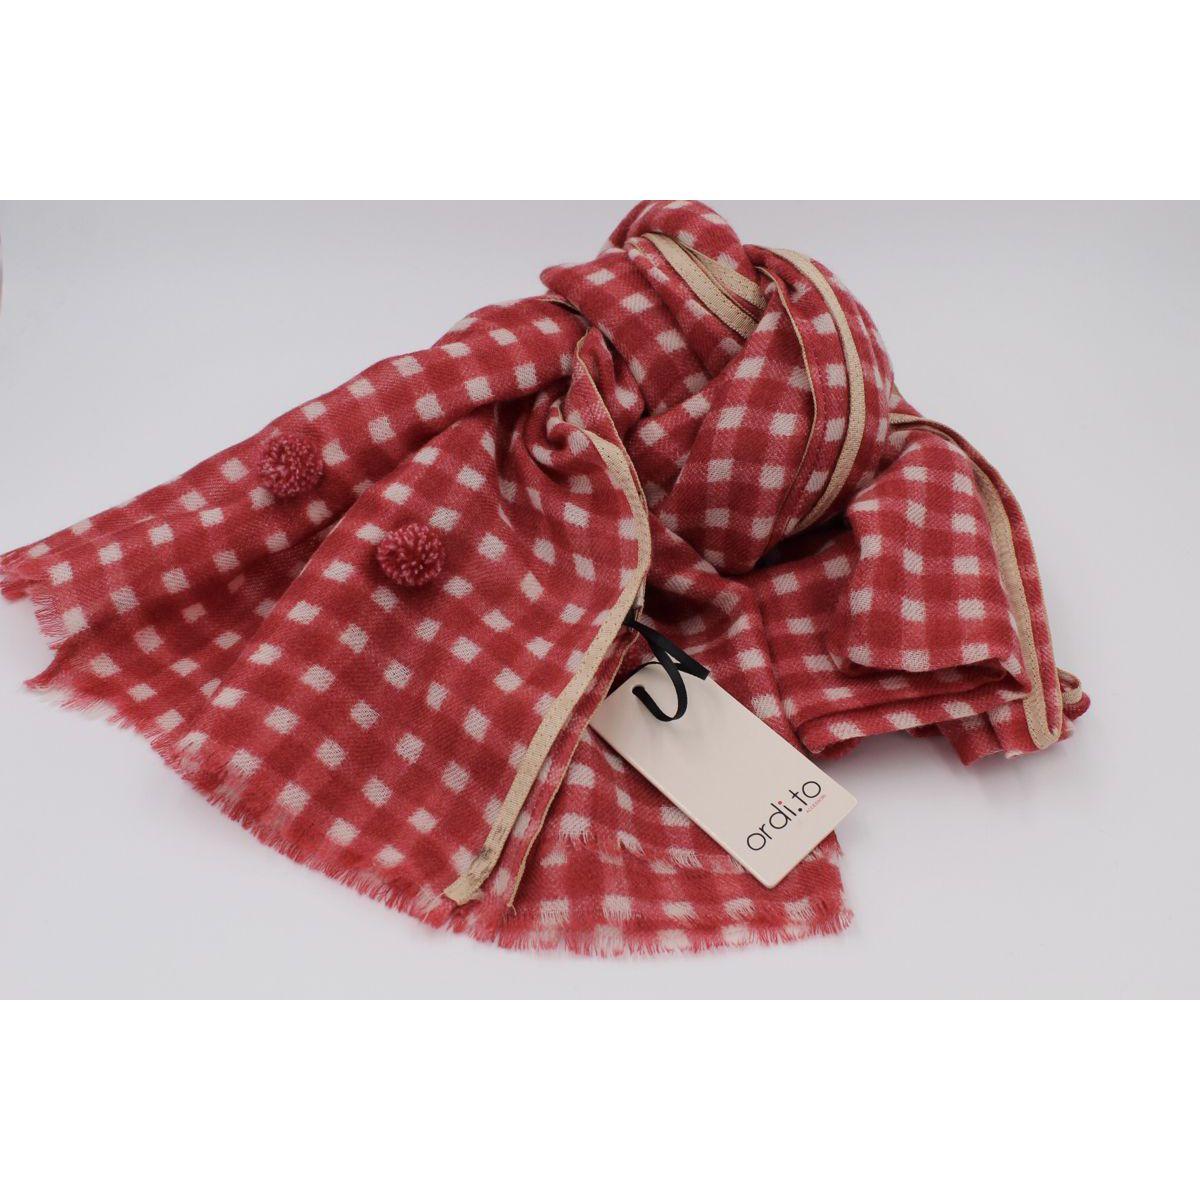 Pon pon scarf Red Ordi.to